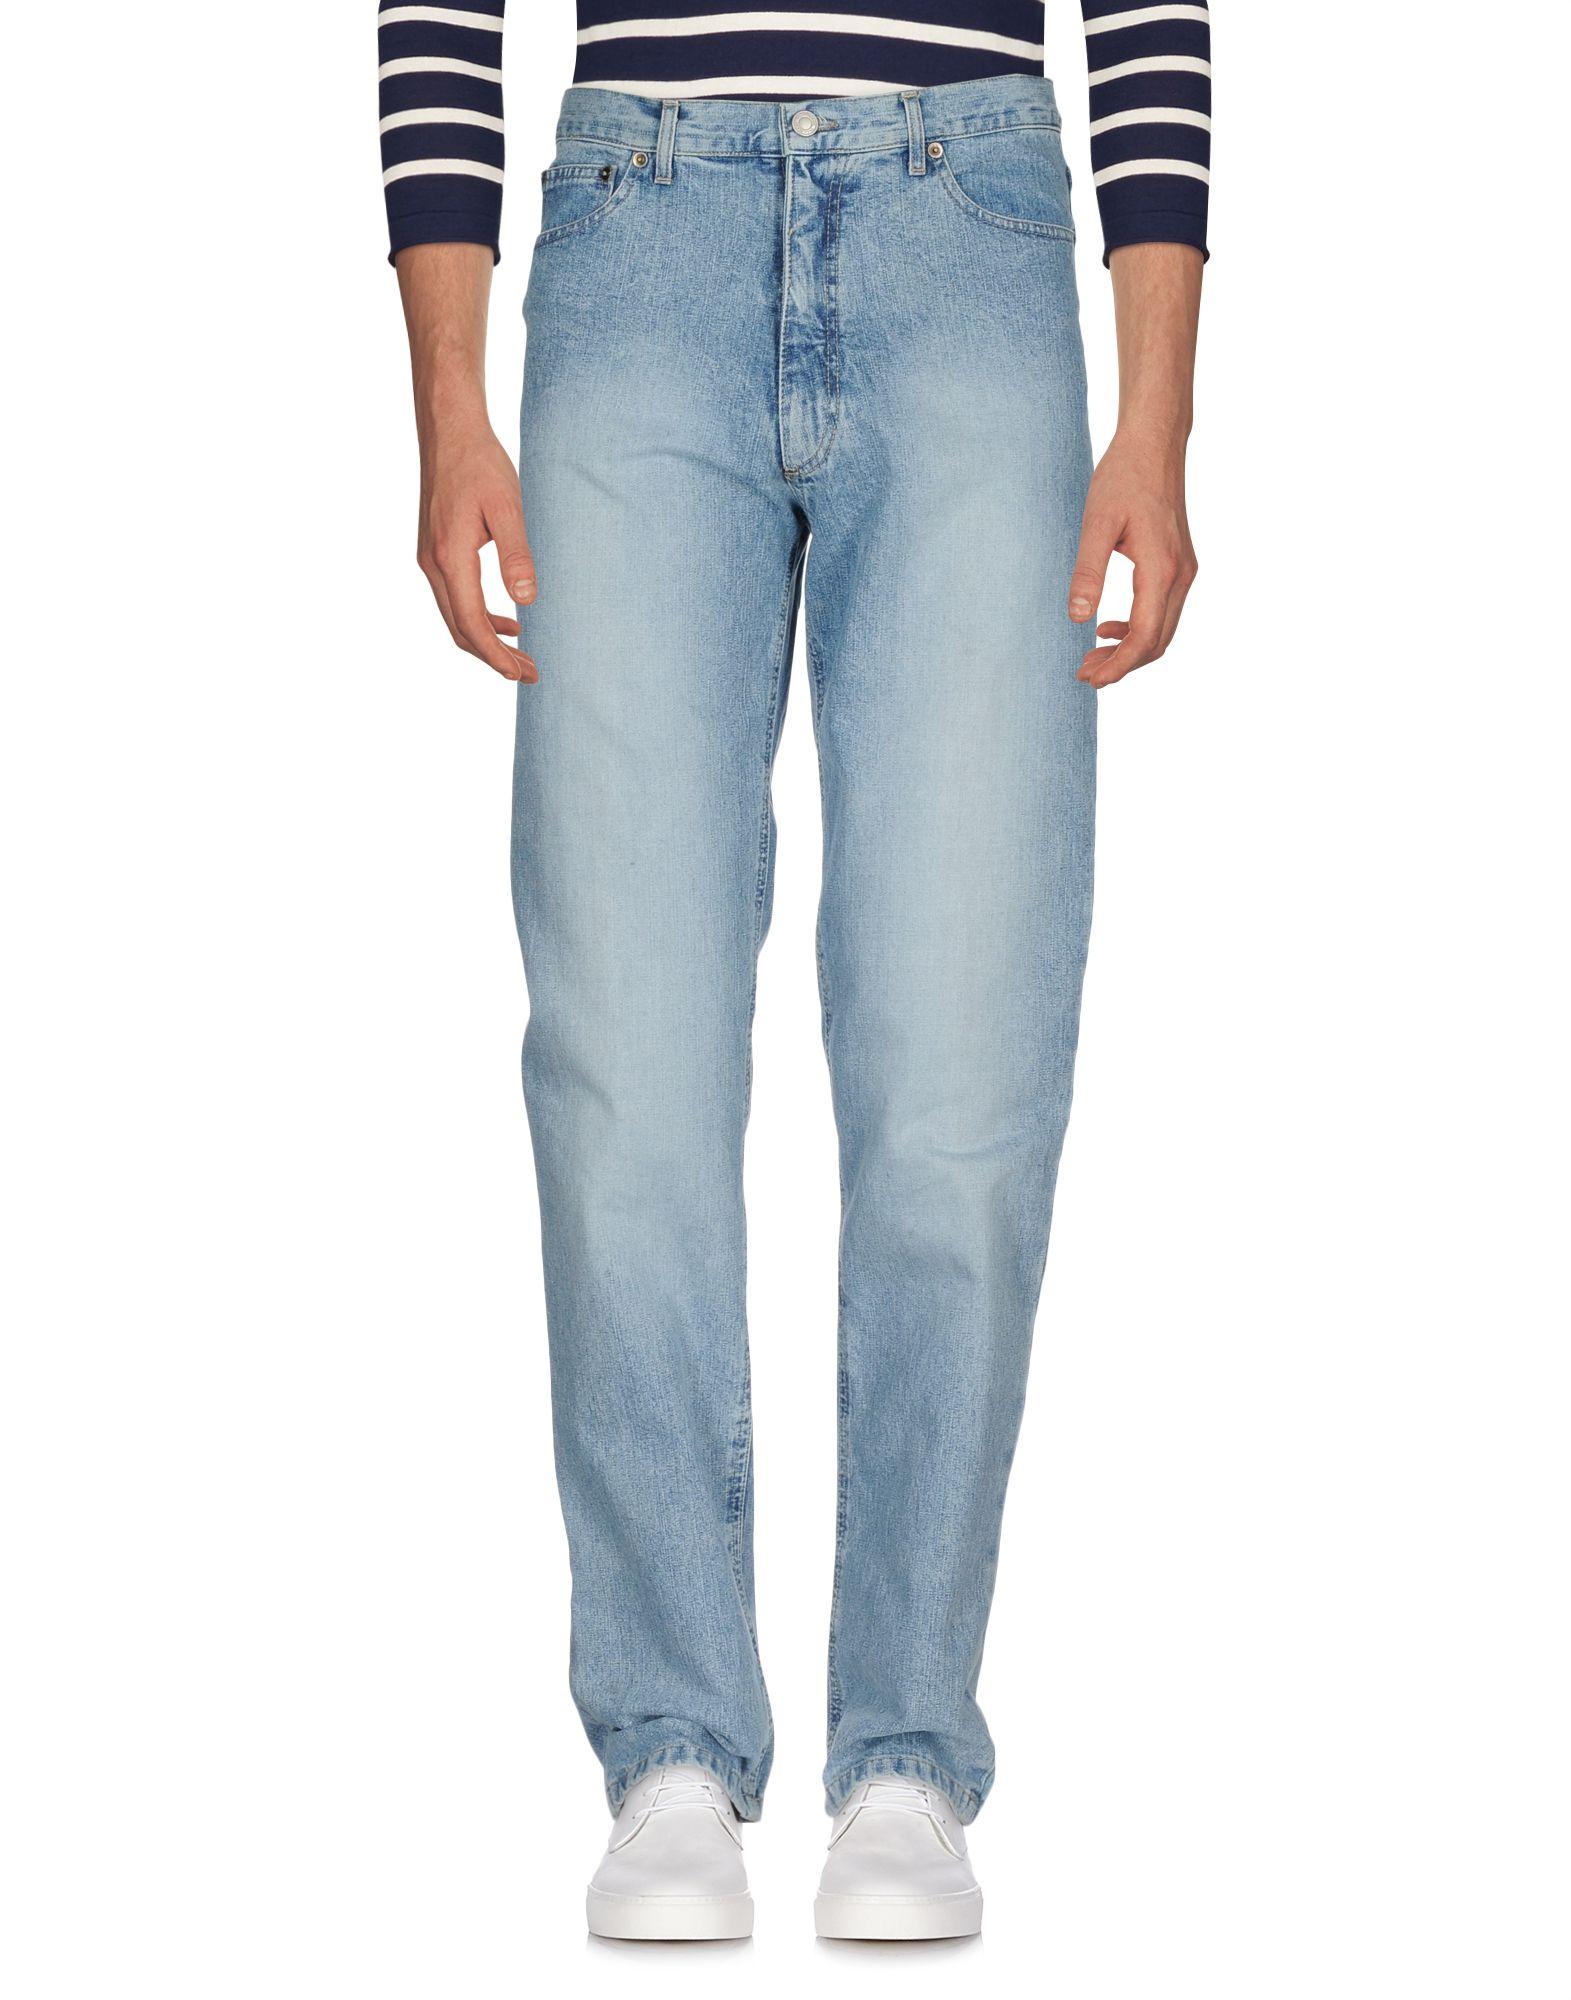 《送料無料》FRED PERRY メンズ ジーンズ ブルー 50 コットン 100%